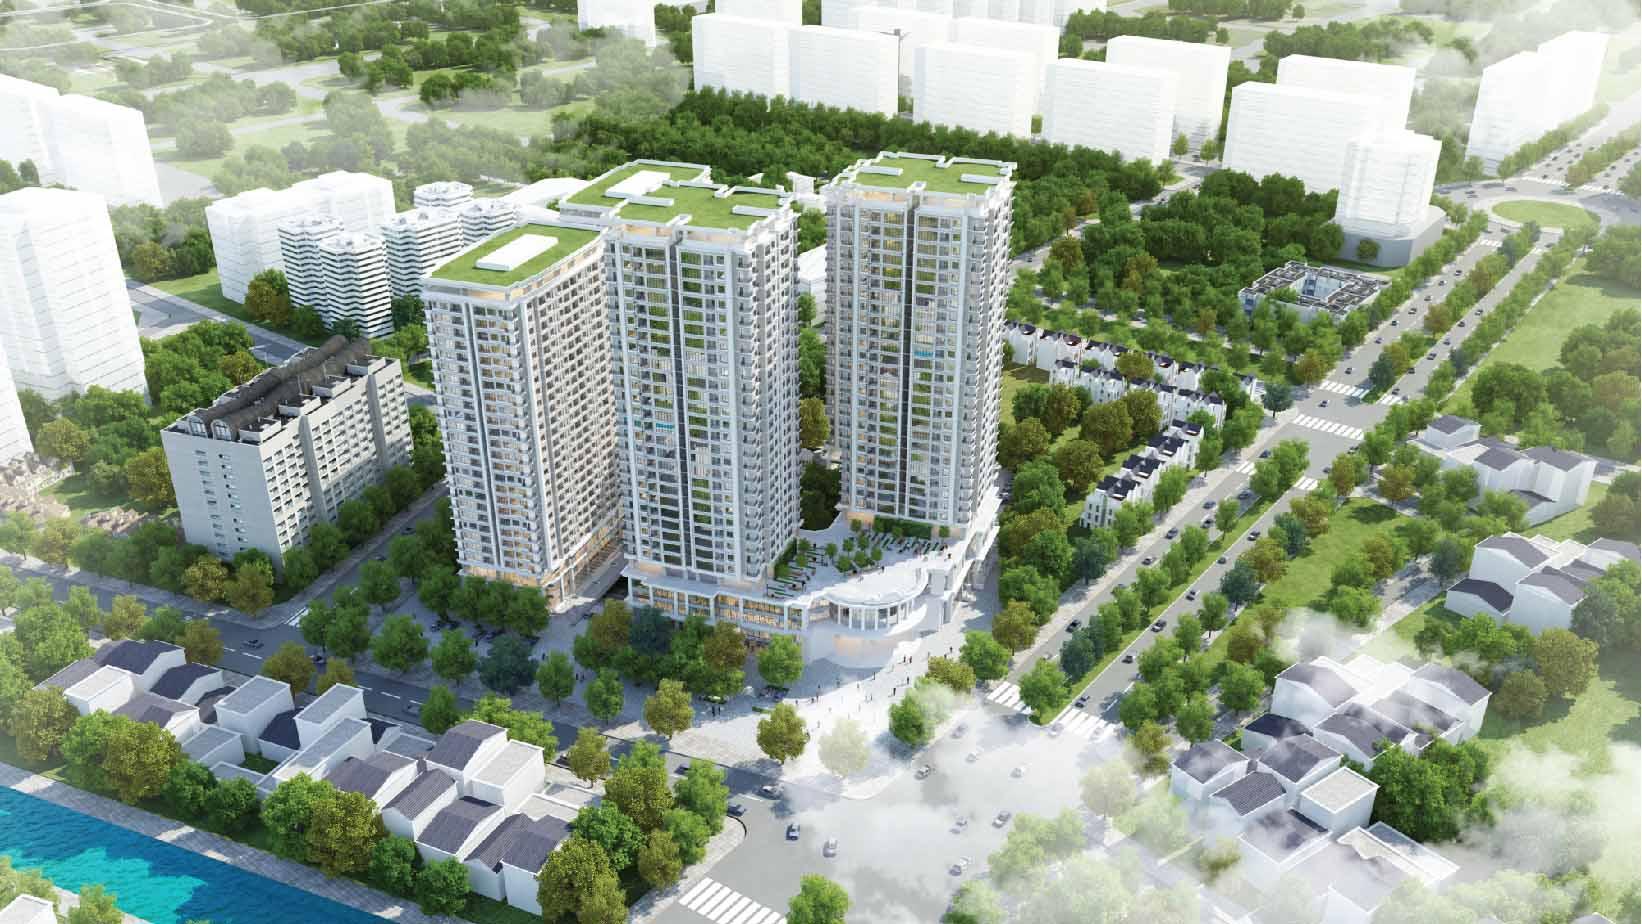 Phối cảnh tổng thể dự án Iris Garden Hà Nội